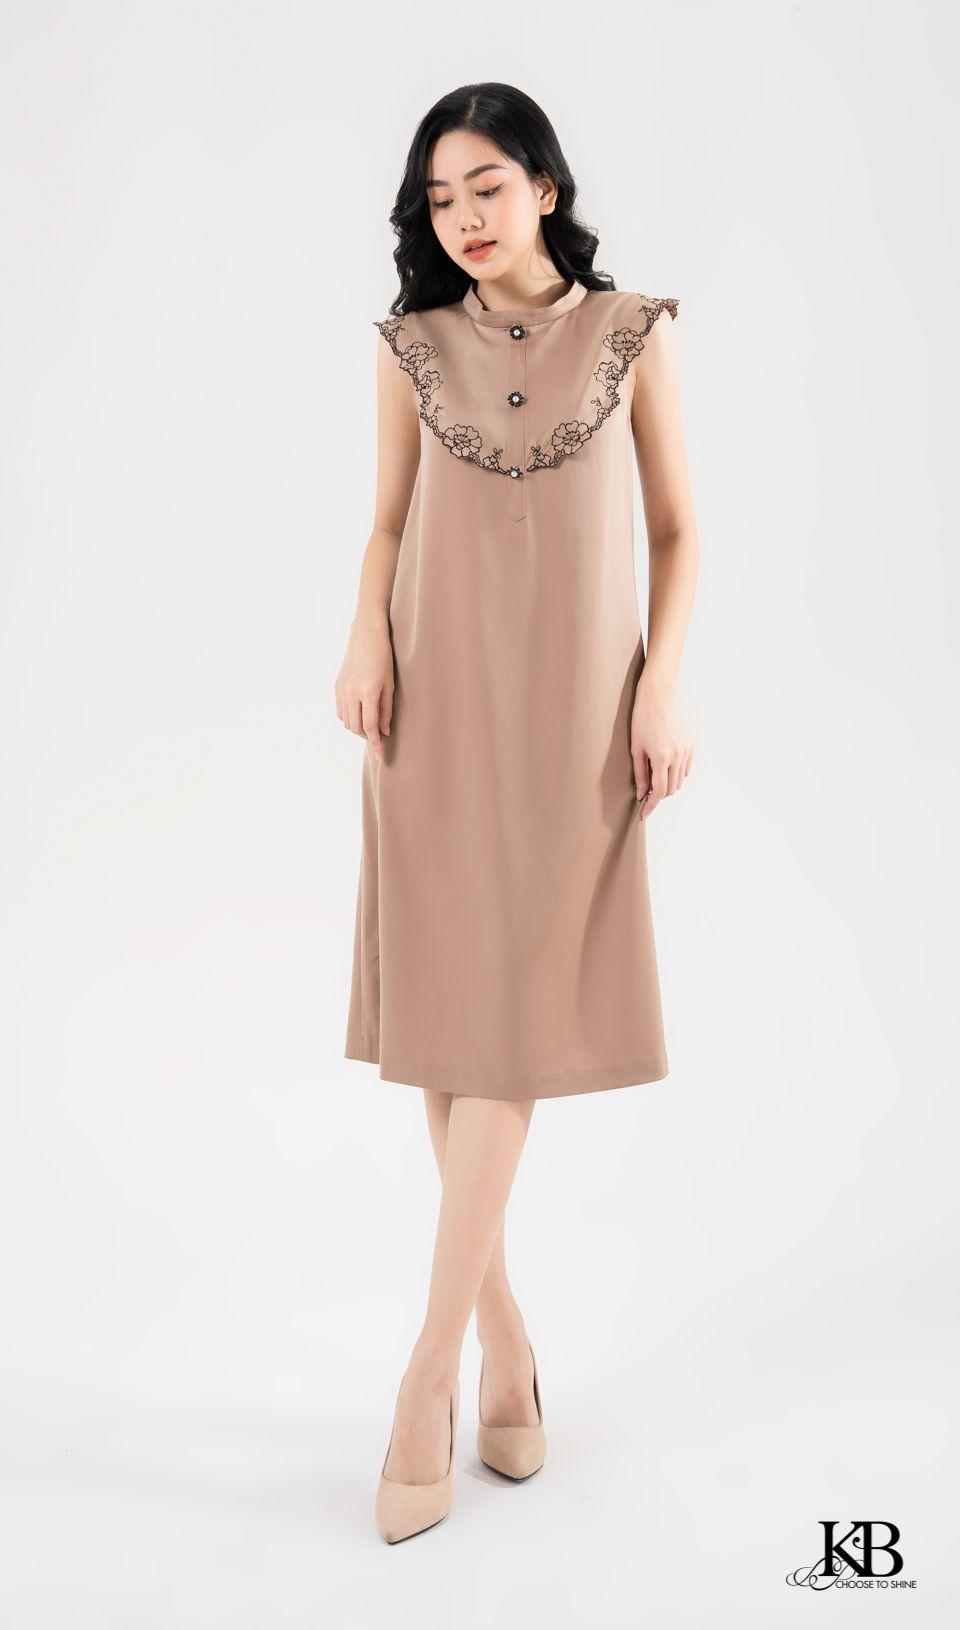 Đầm nẹp cổ có bô đê.